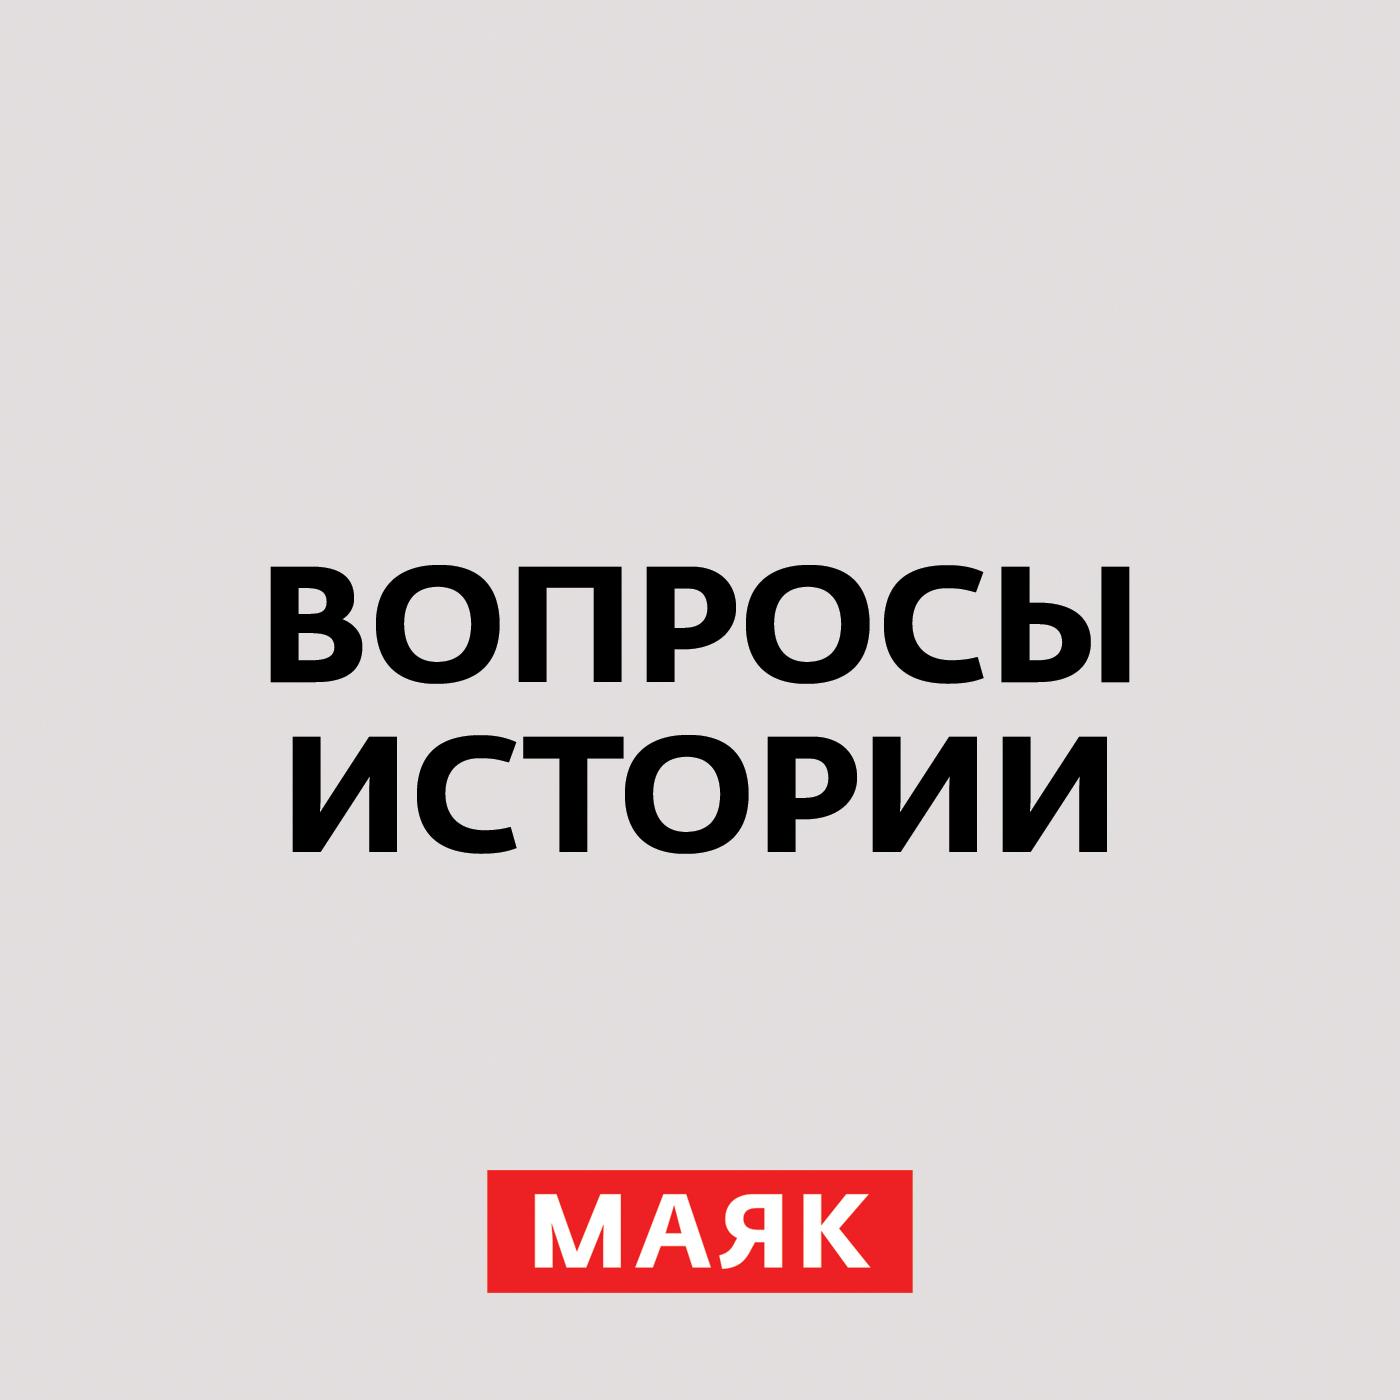 Андрей Светенко Судьба пленных в начале ВОВ. Часть 3 андрей светенко ленд лиз в годы вов мифы и реальность